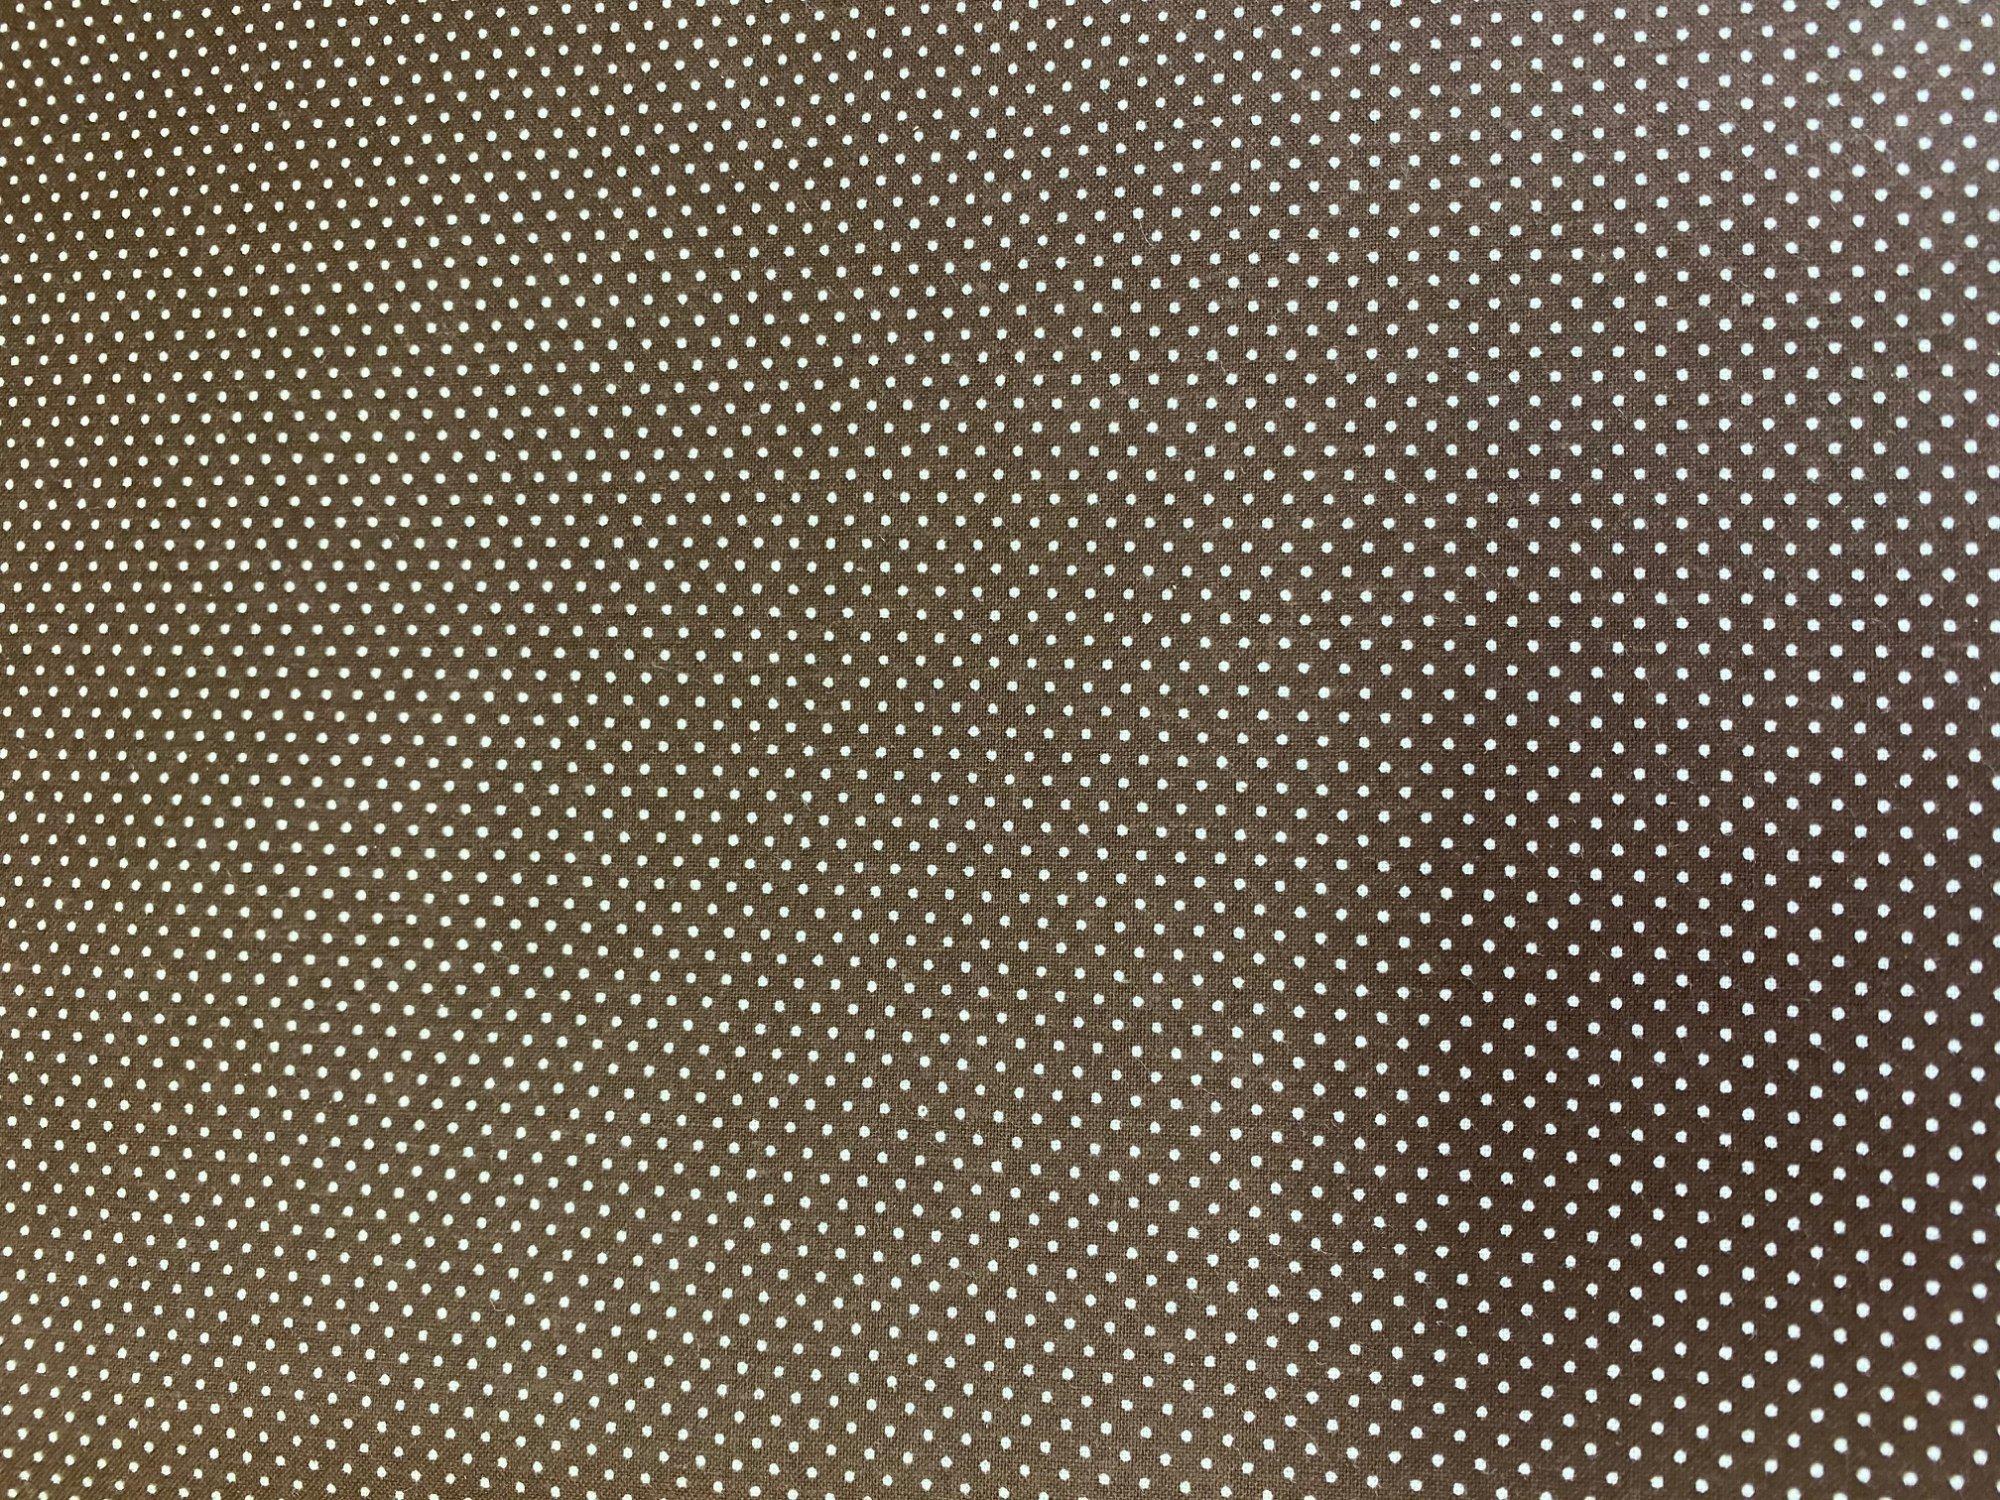 Mini Dots - Brown Tiny Dot - BD-20707-A10